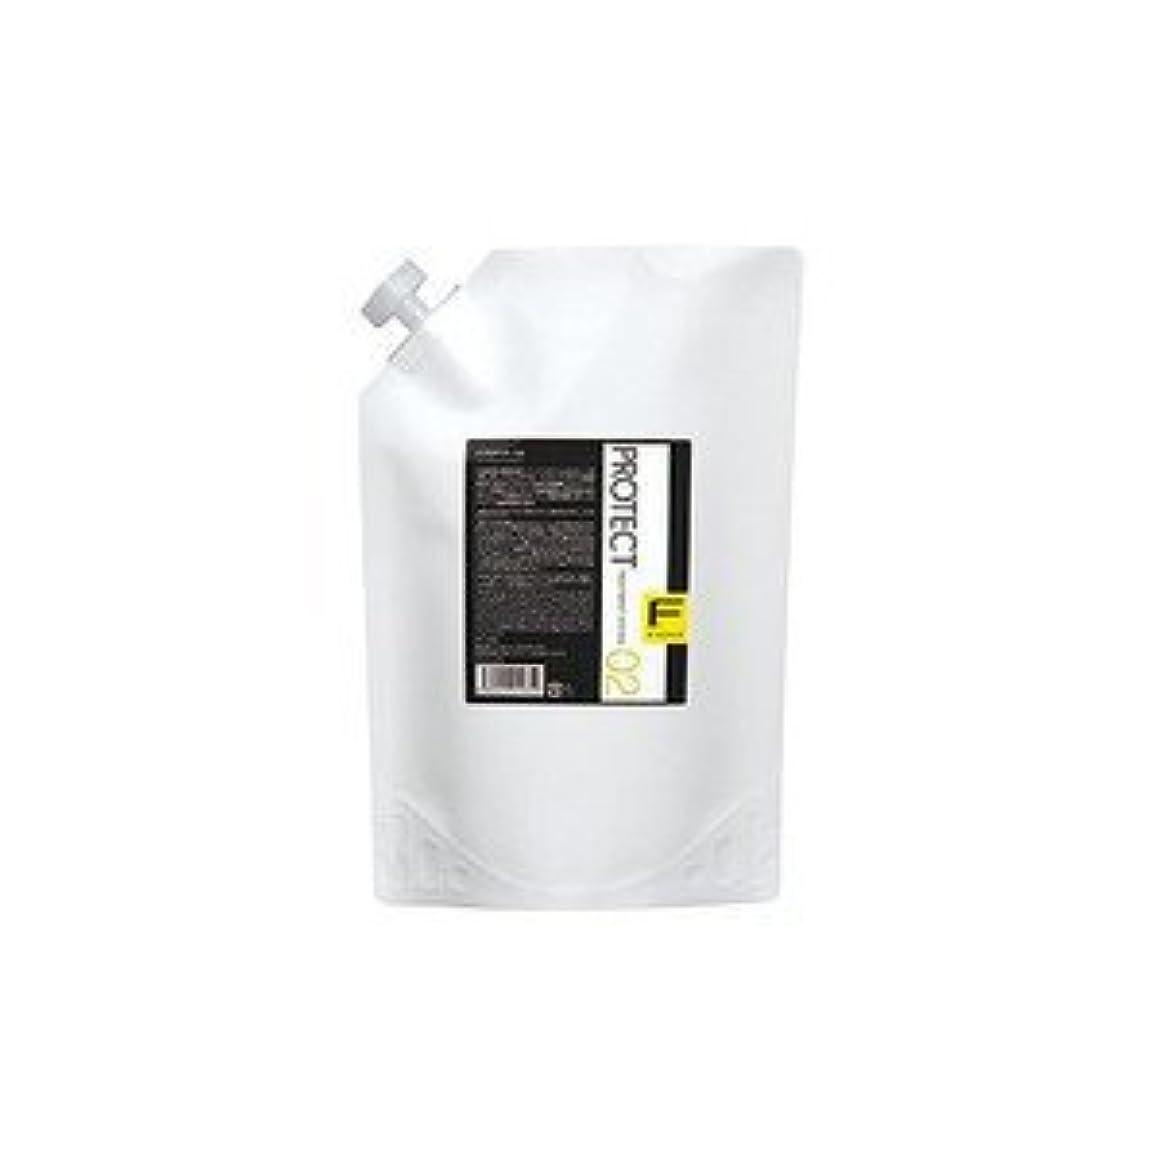 人工壁紙建設FIOLE フィヨーレ Fプロテクト02 トリートメントシステム 1500ml (業務用) 【国内正規品】